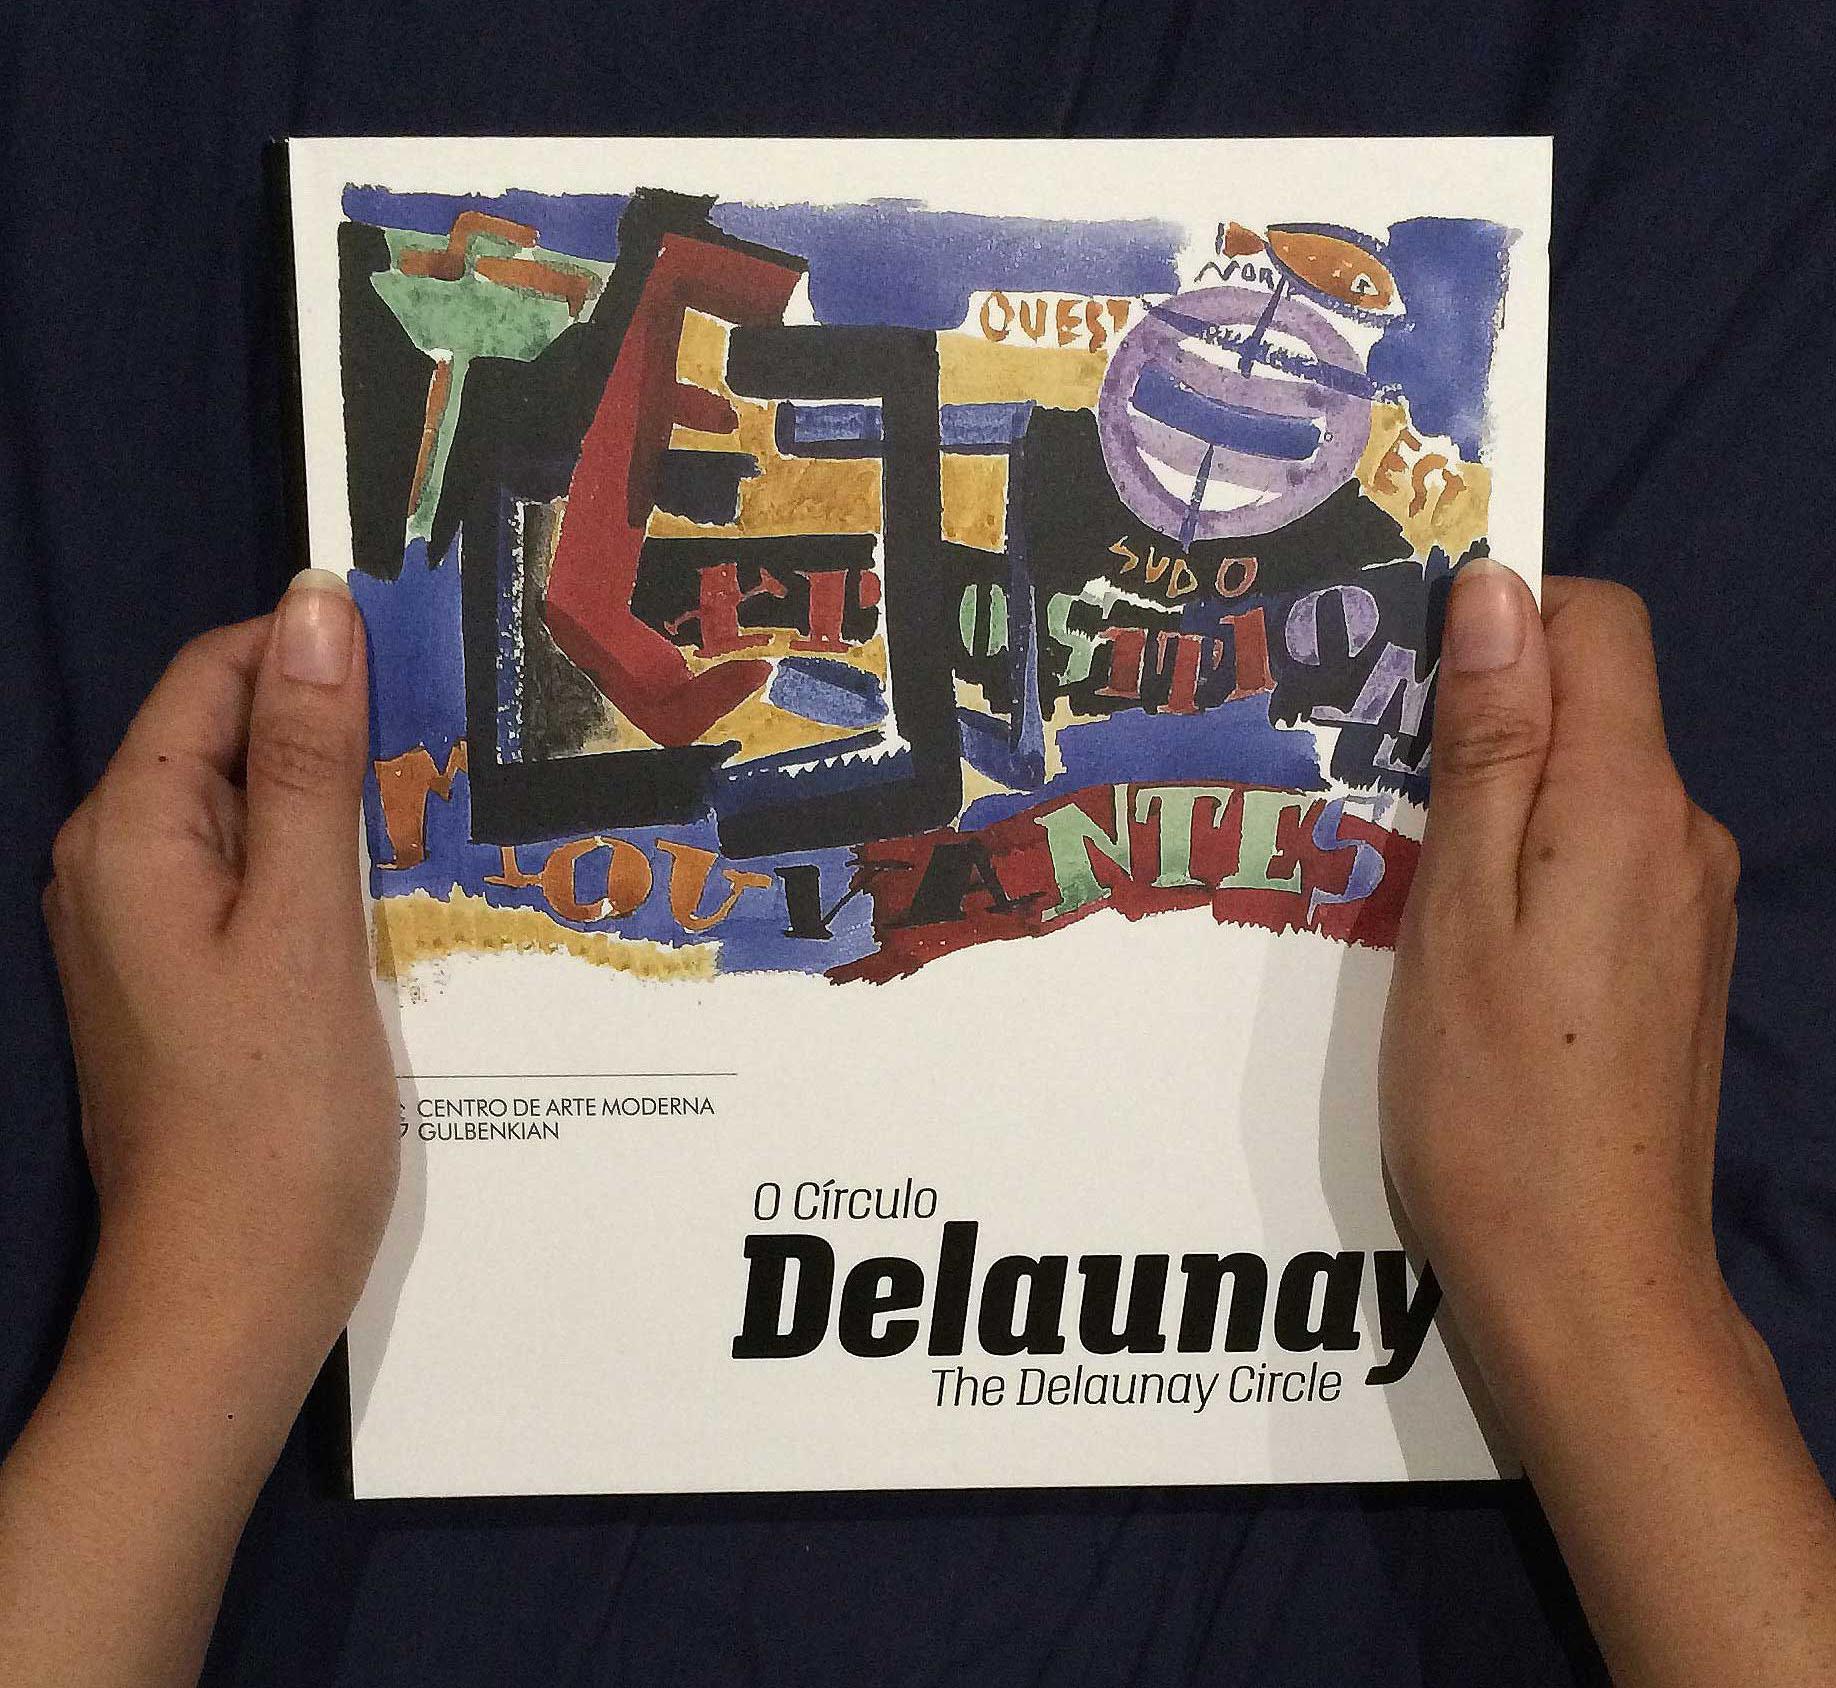 The Delaunay Circle